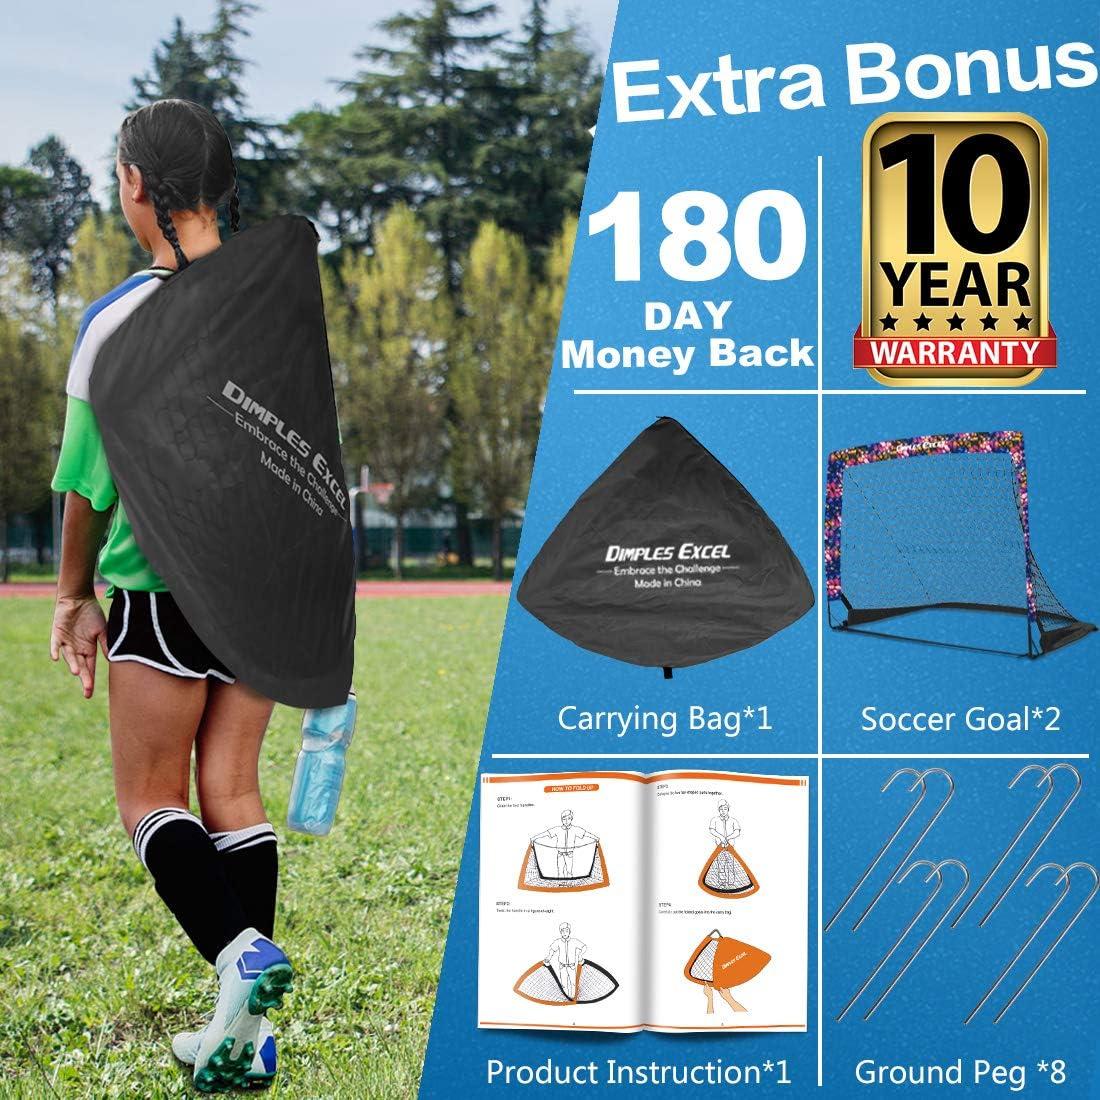 Soccer Goal Pop up Soccer Goal Backyard for Kids Mini Soccer Goal Portable Foldable Football Goal Net Play Practice Training Skills Garden Indoor